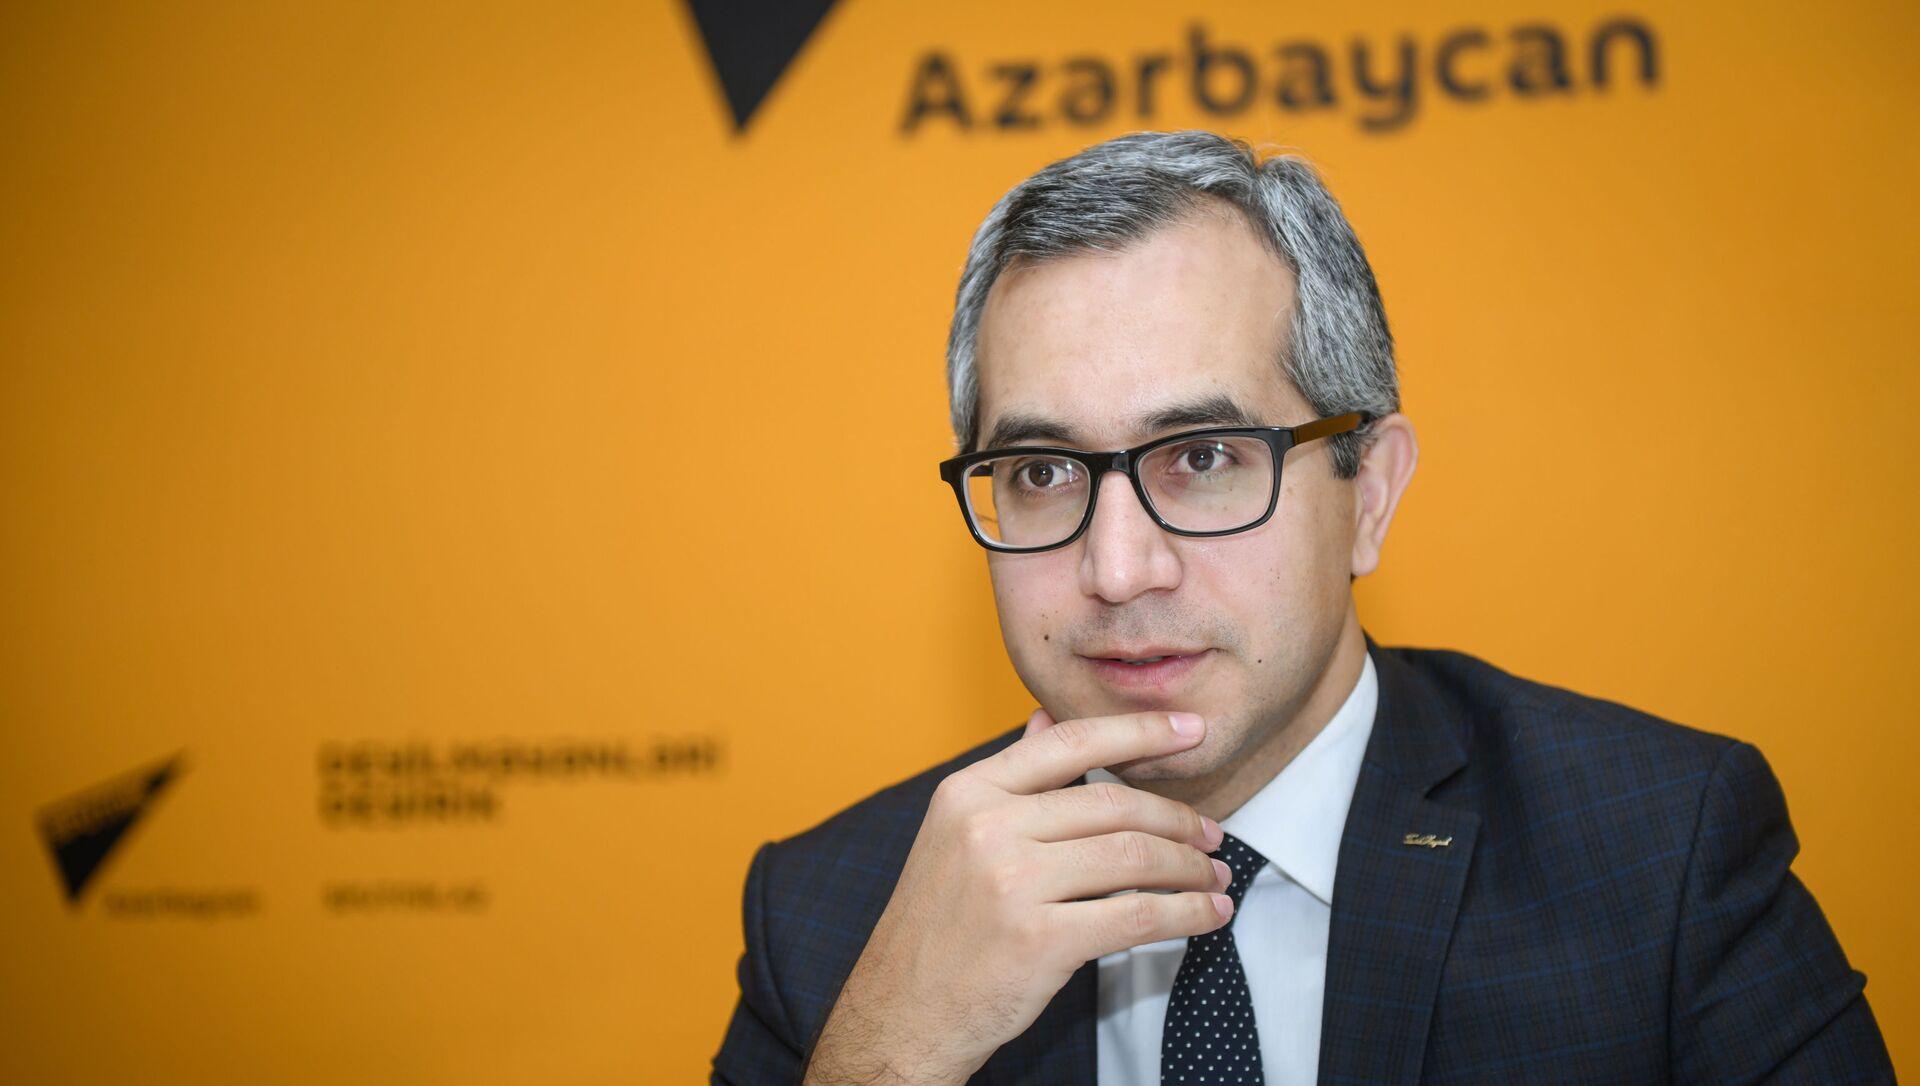 Эксперт по образованию Кямран Асадов - Sputnik Азербайджан, 1920, 29.07.2021